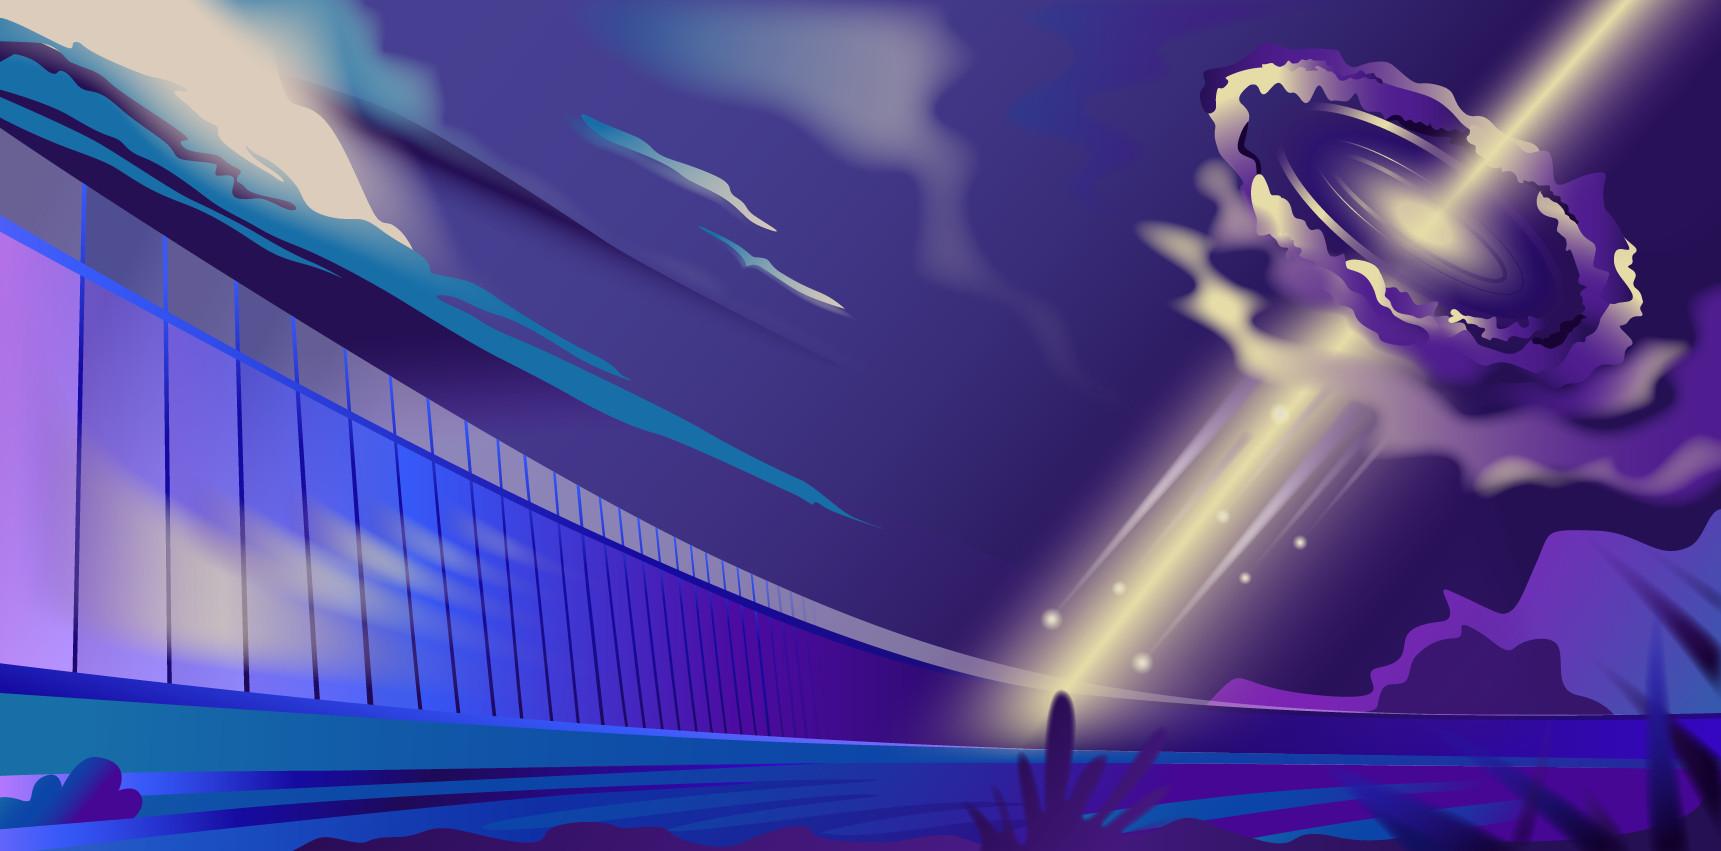 Телескоп РАТАН-600 помогает разобраться, где рождаются нейтрино. Иллюстрация Дарьи Сокол, пресс-служба МФТИ